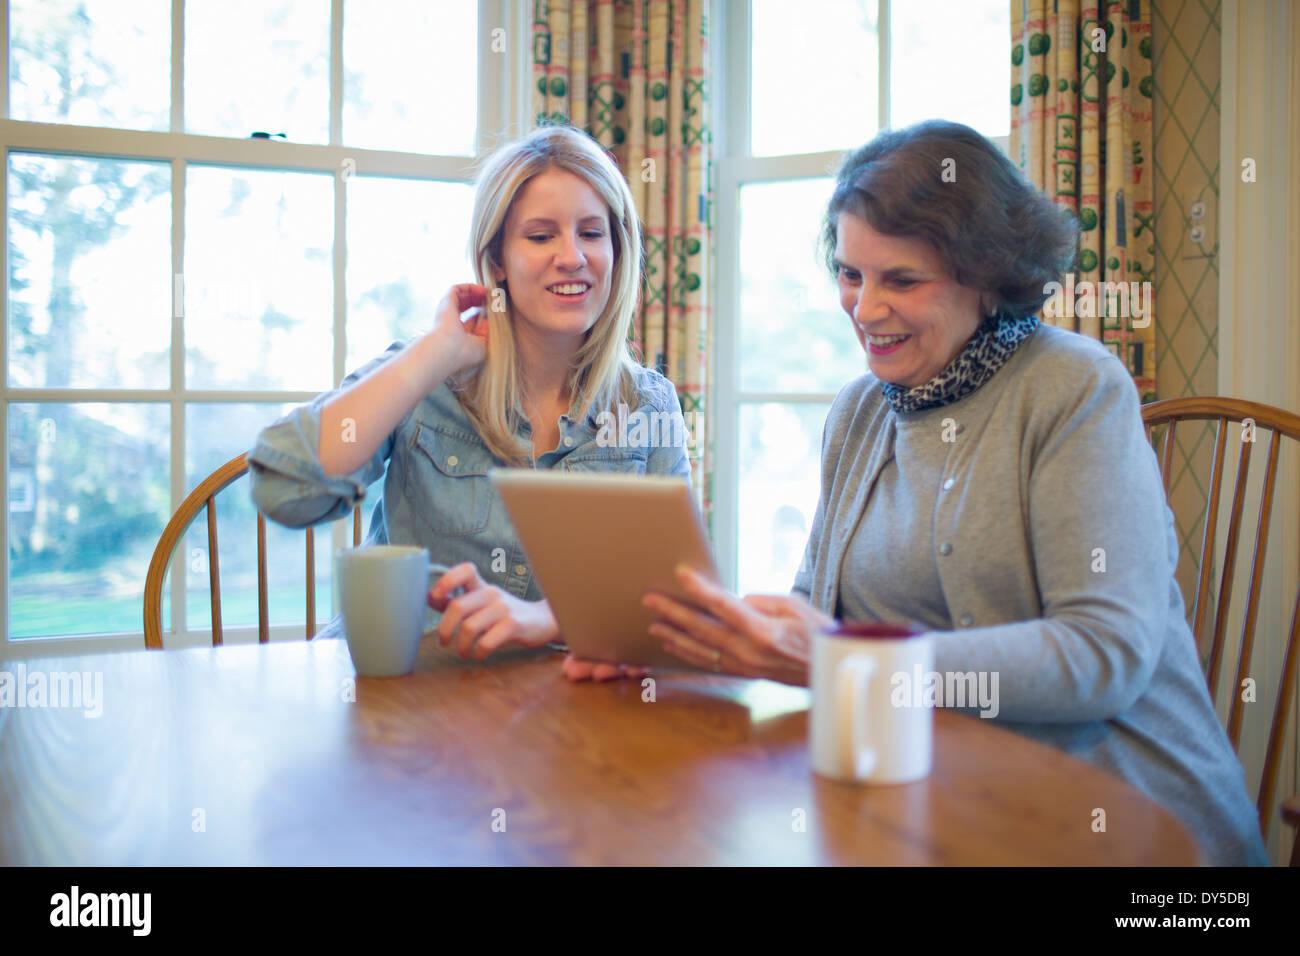 Donna Senior e nipote guardando a tavoletta digitale Immagini Stock